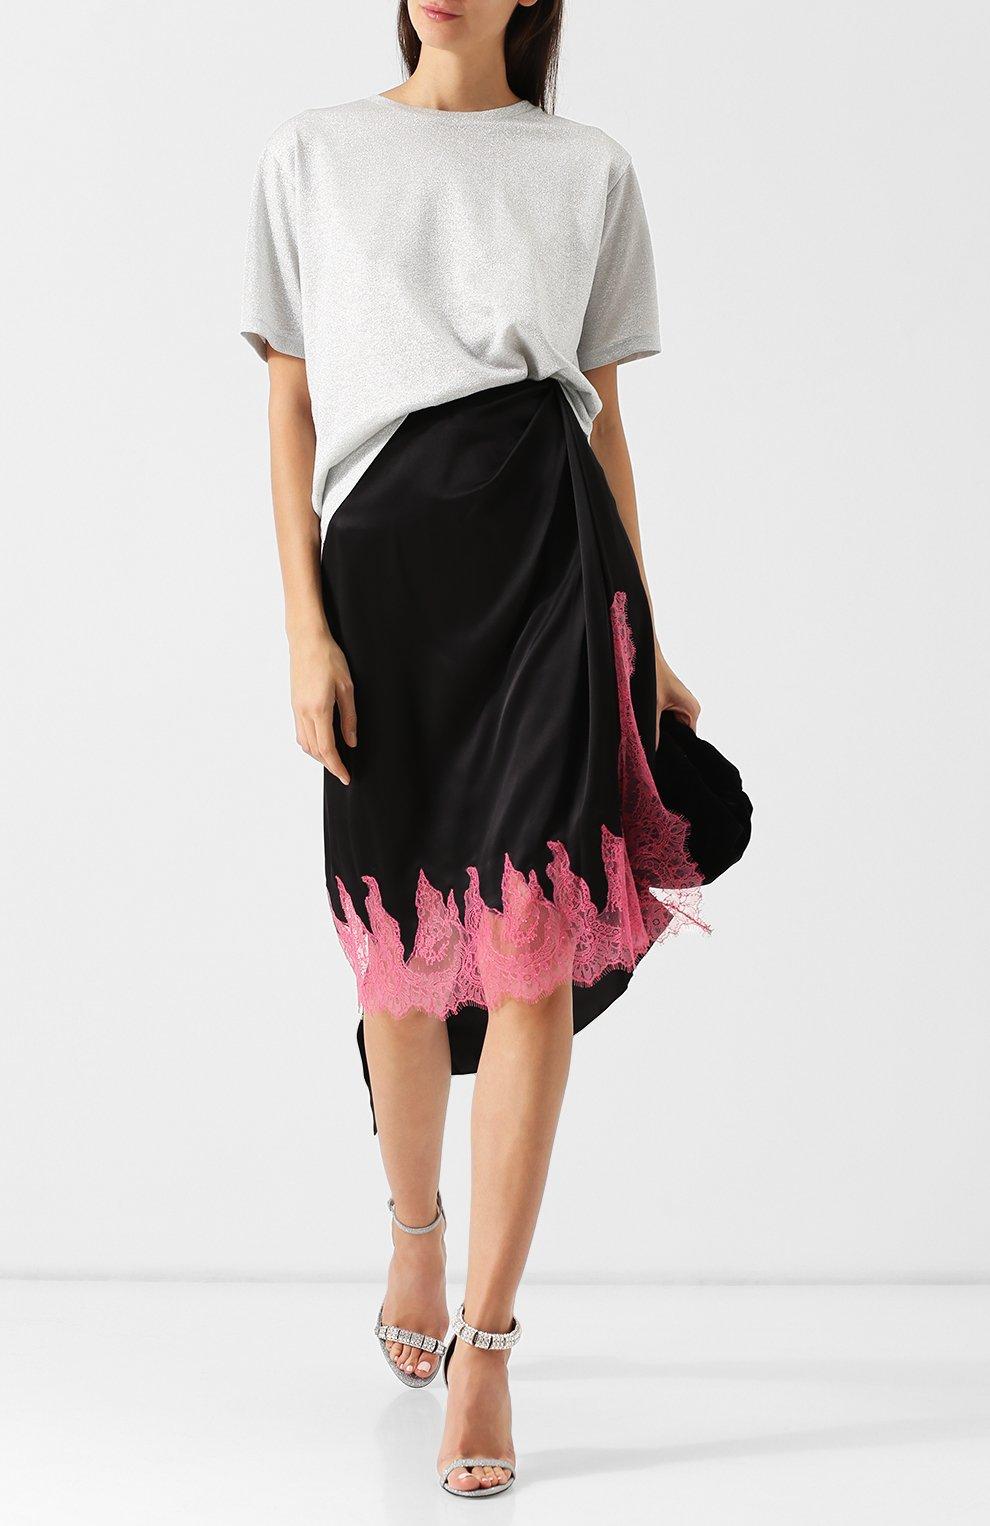 b7564147173 Женская черная шелковая юбка-миди с кружевной вставкой WALK OF SHAME ...